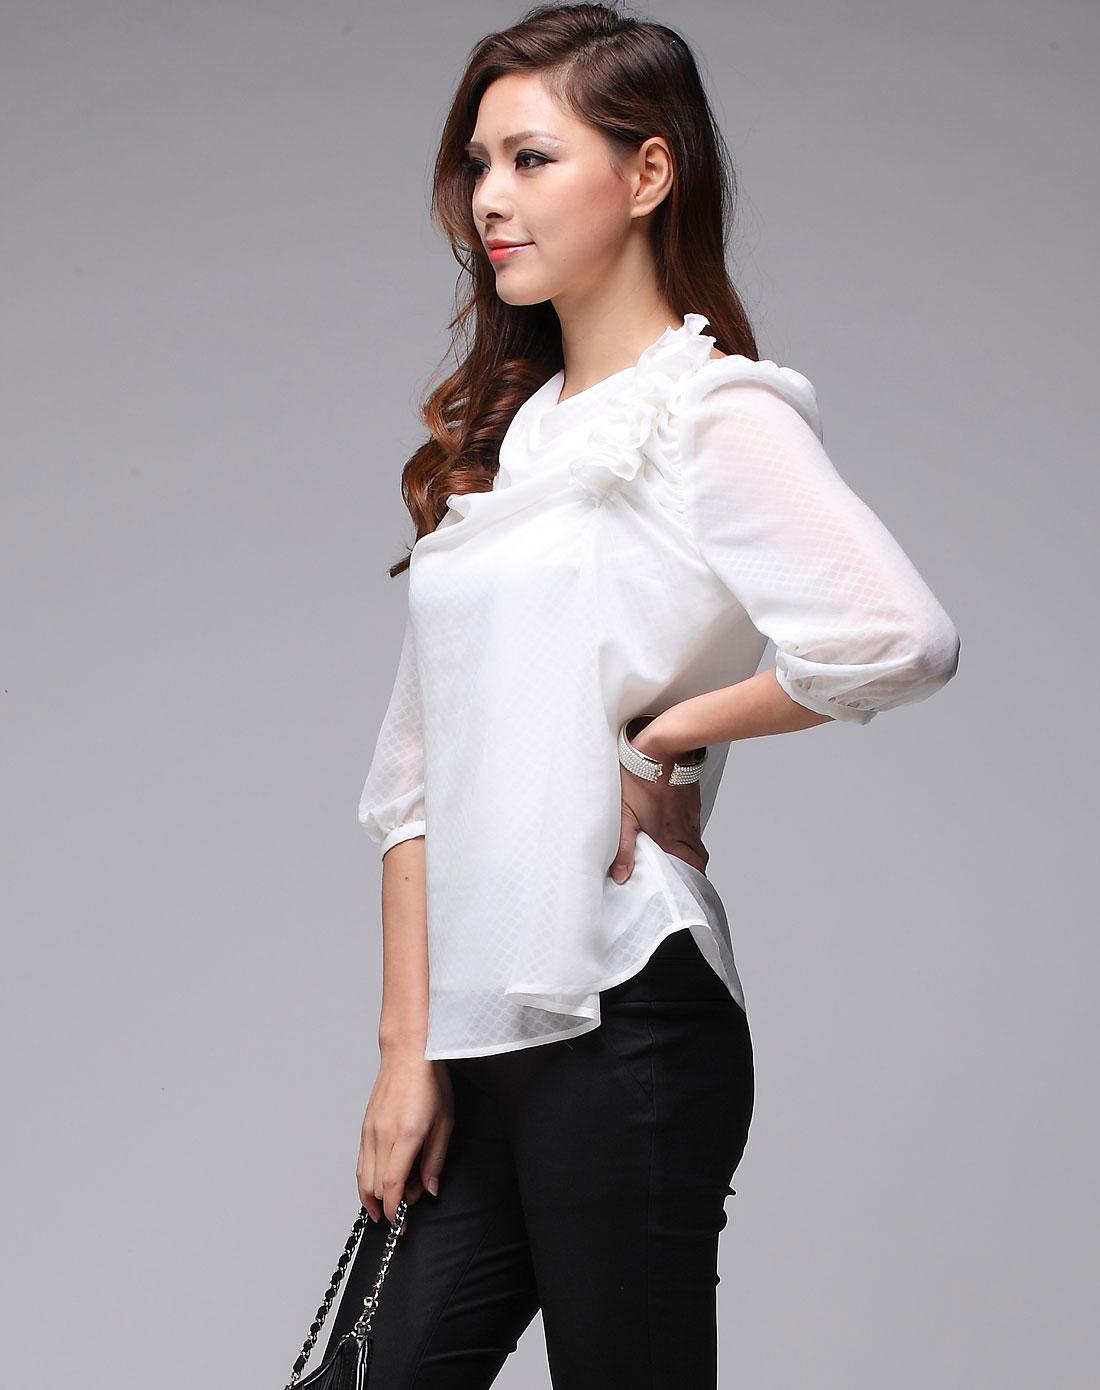 红色雪纺上衣女夏_上衣白色女哪种牌子比较好 上衣白色女雪纺价格